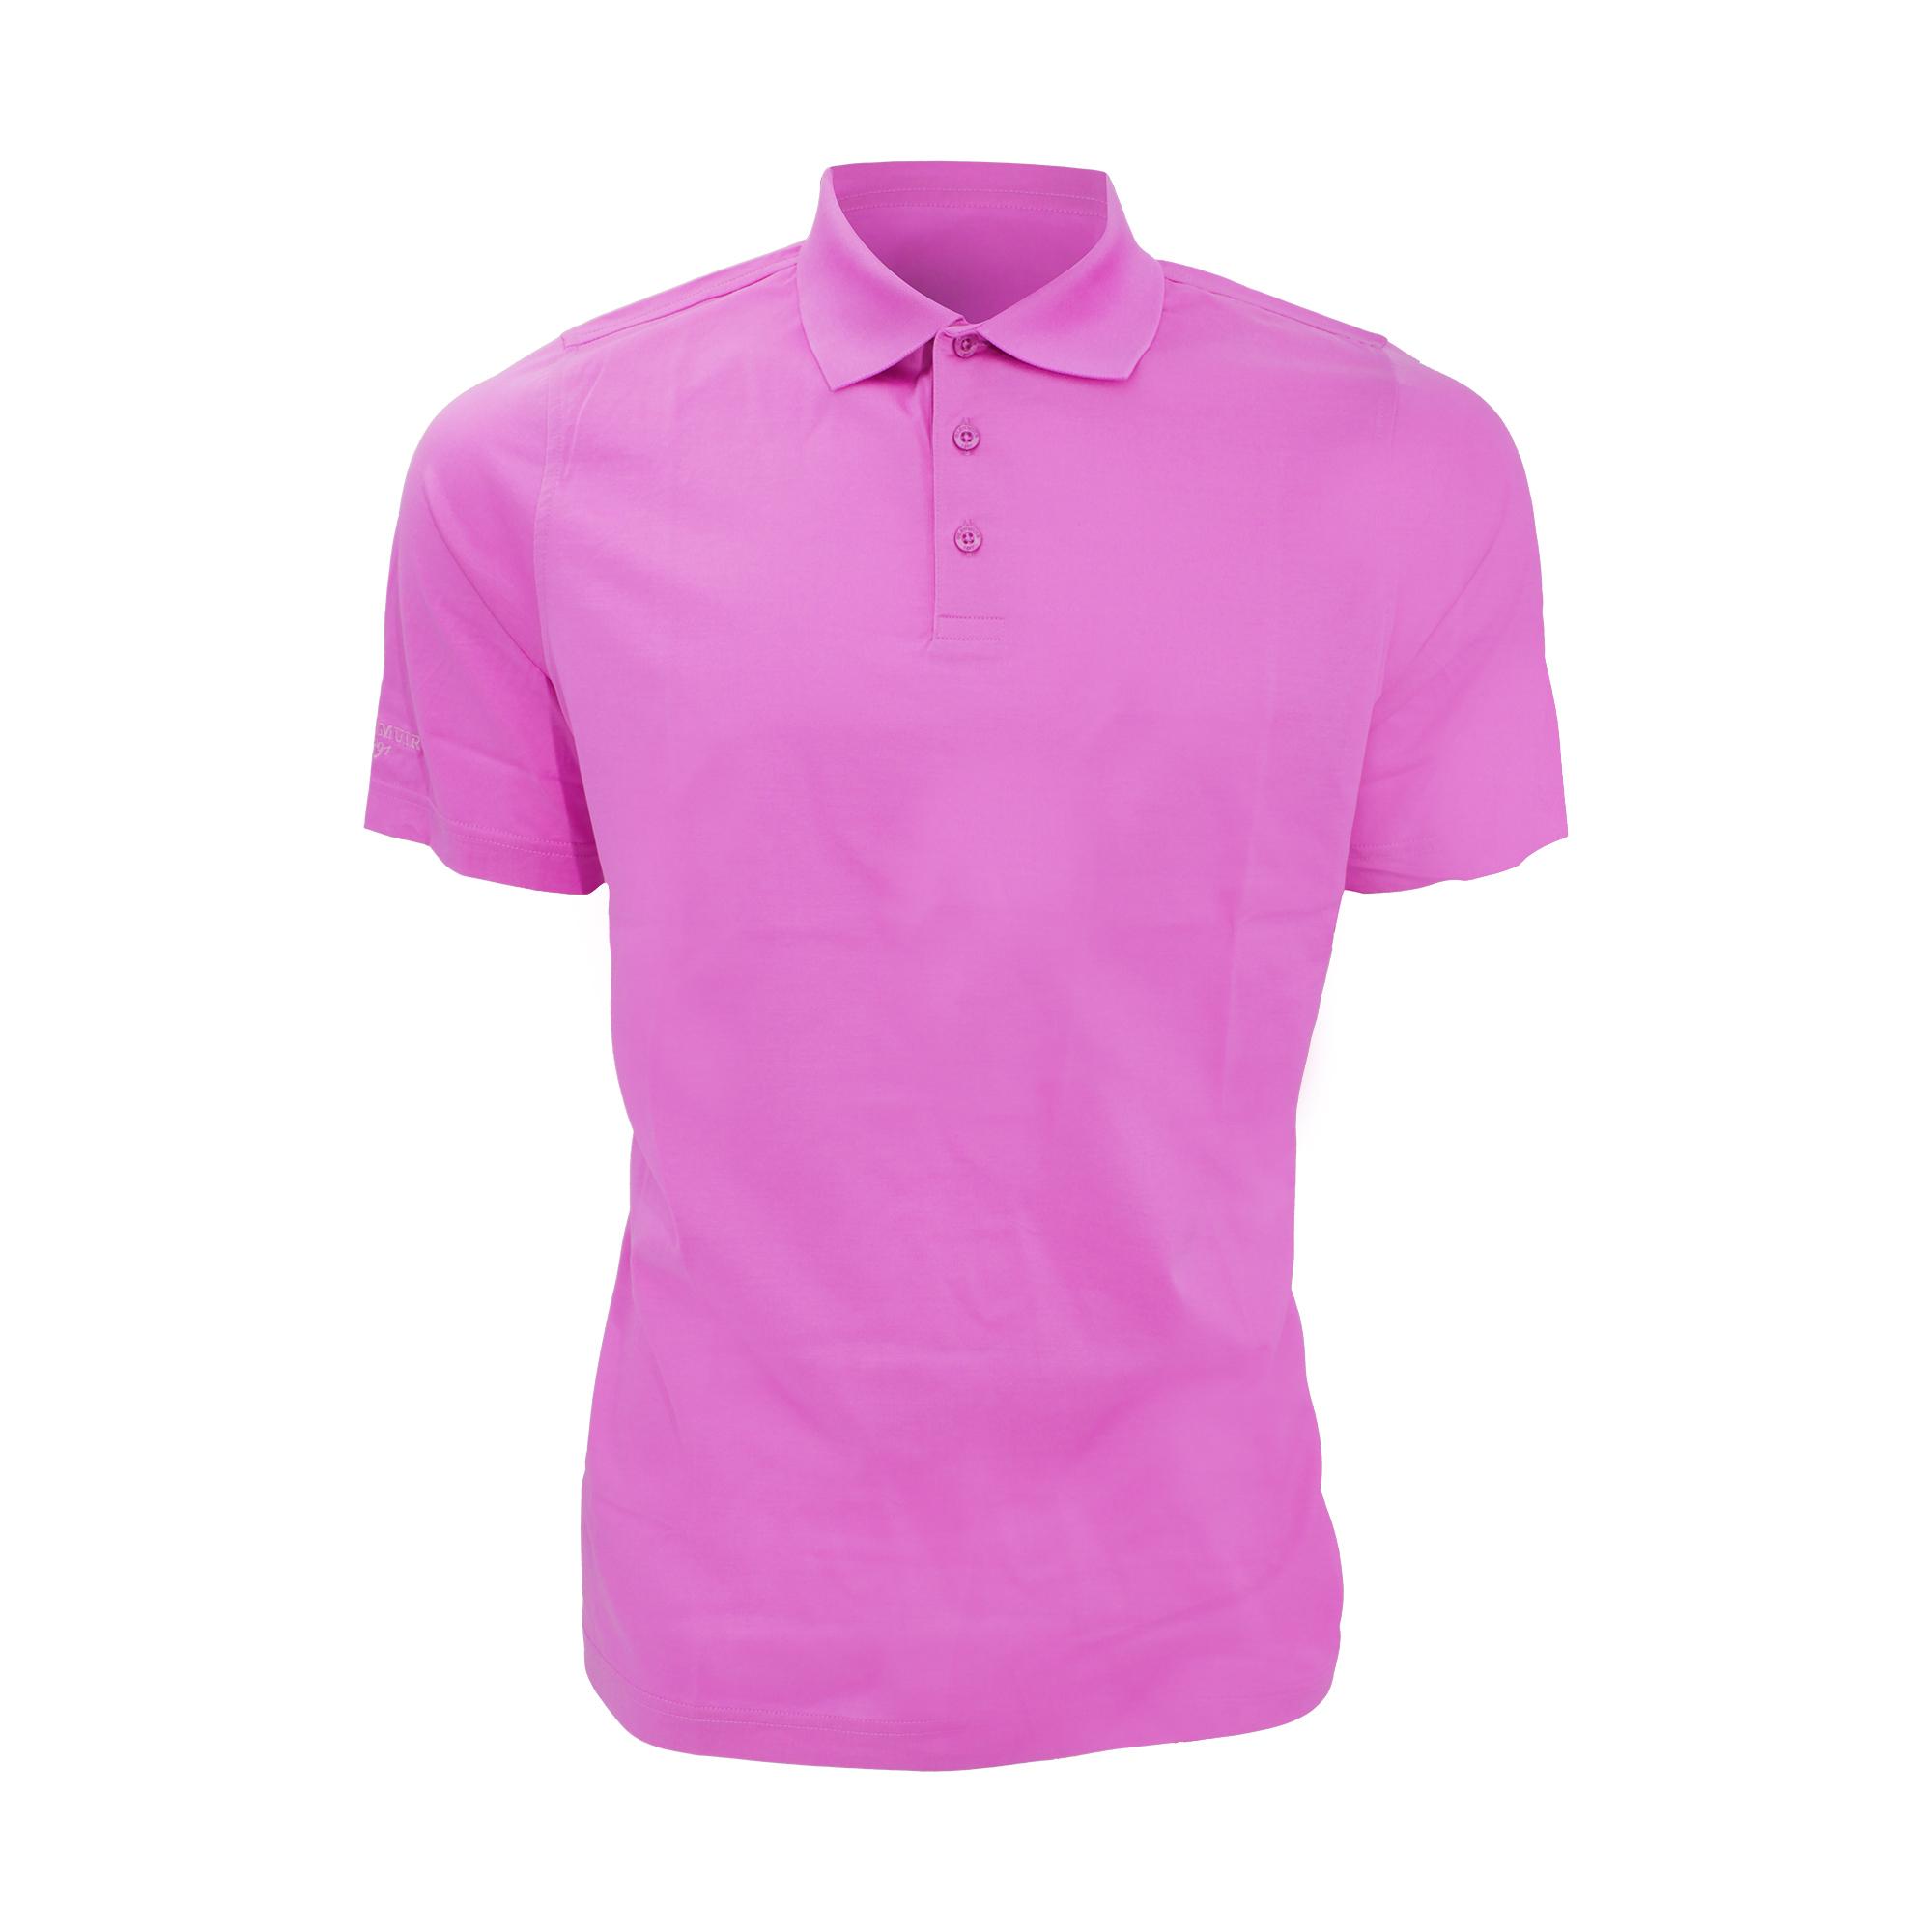 Glenmuir Mens Plain Mercerised Short Sleeve Polo Shirt (L) (Black)